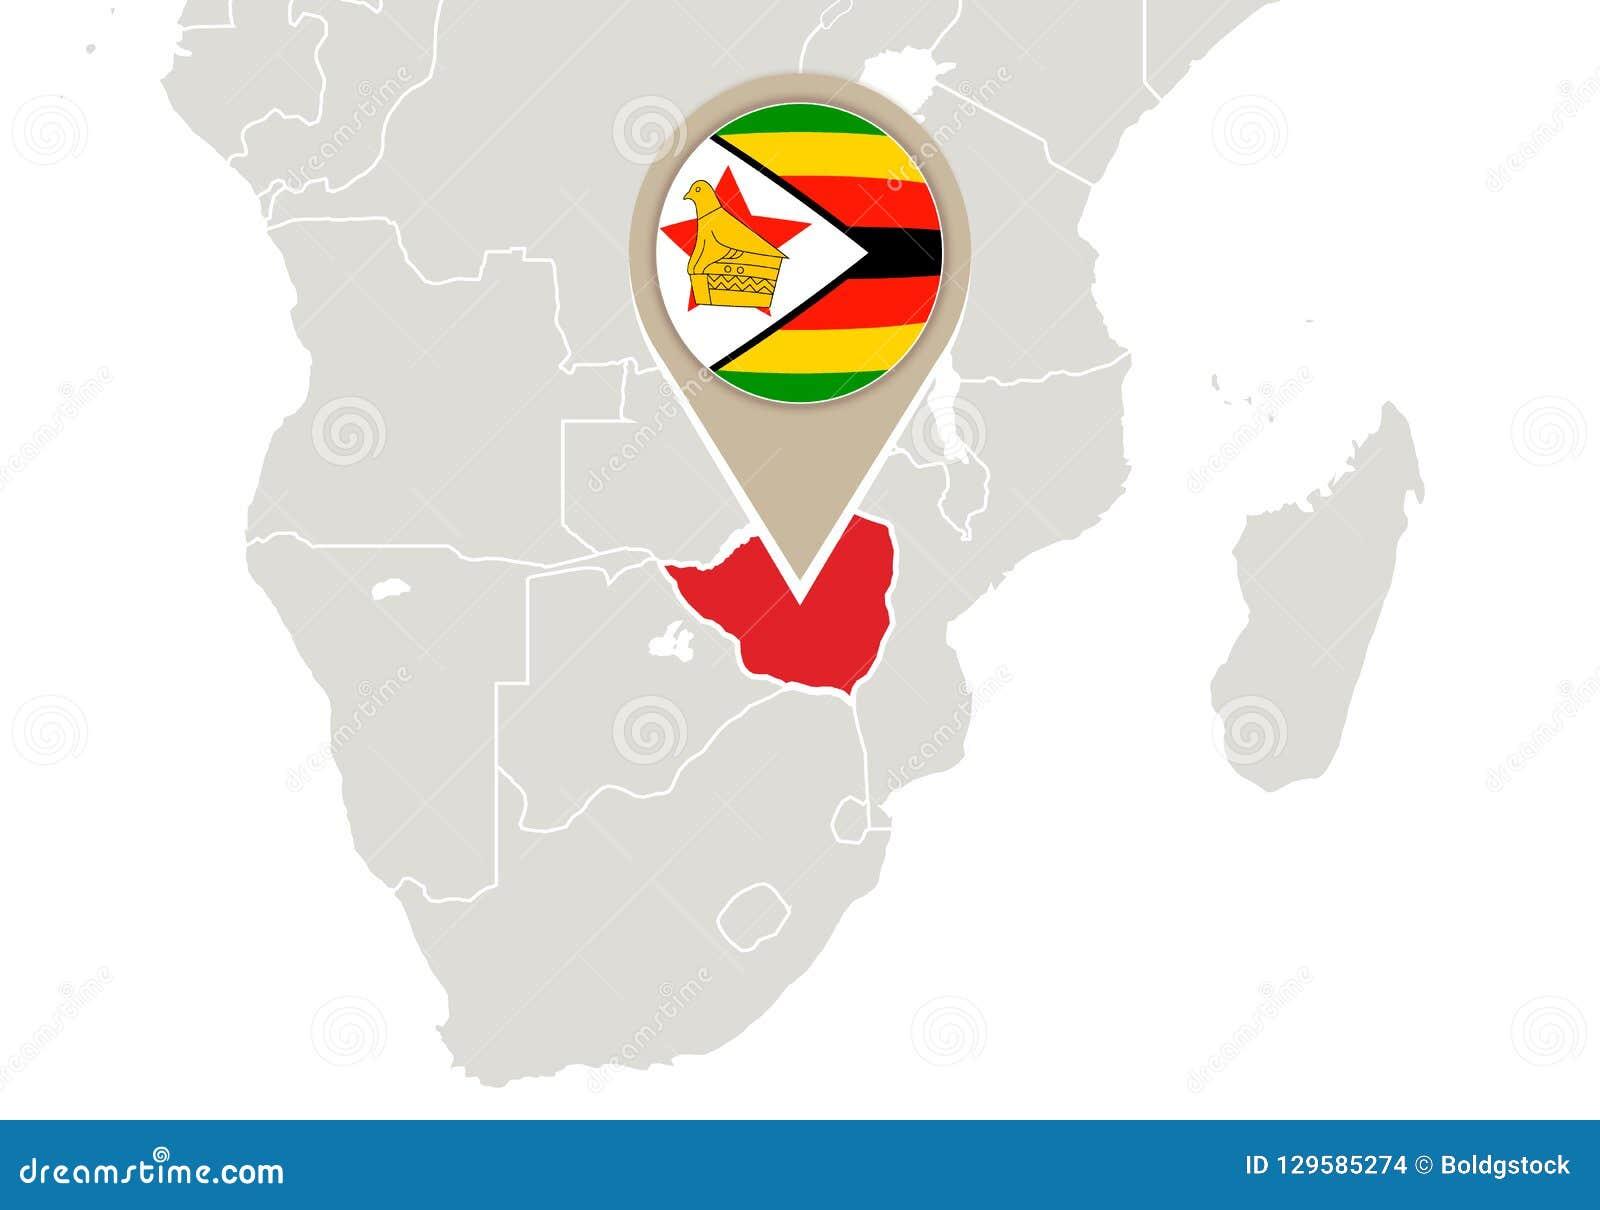 Zimbabwe on World map stock vector. Illustration of flag - 129585274